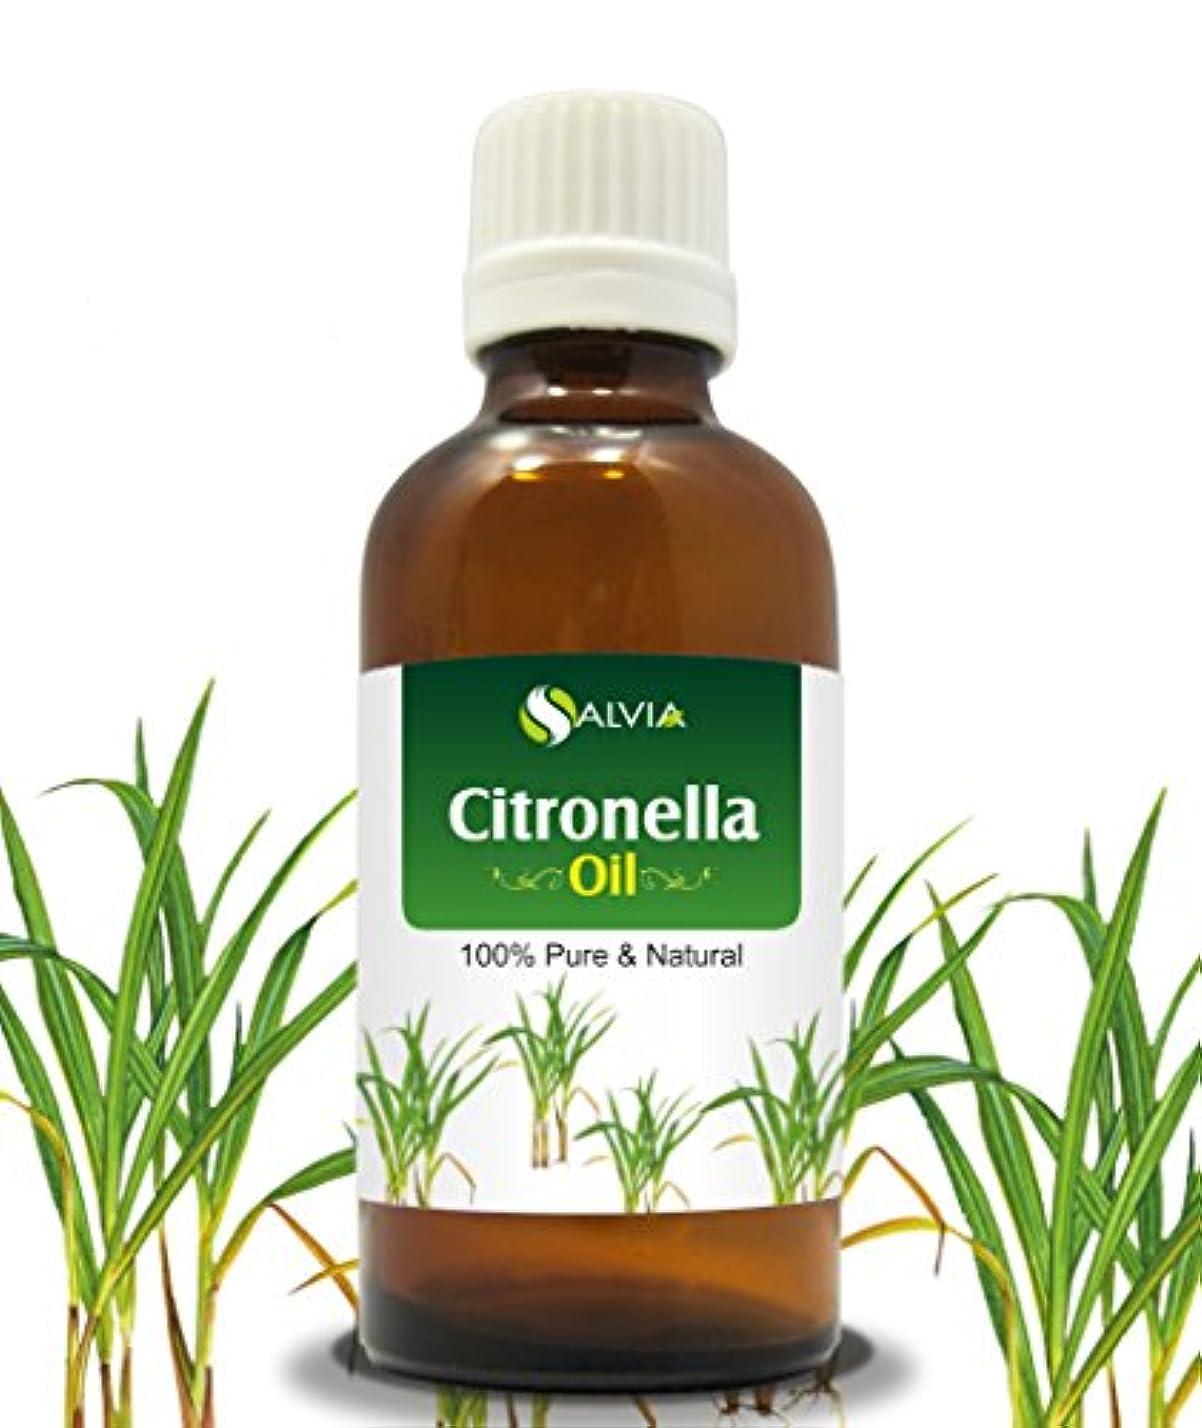 体細胞寛大さ知覚するCITRONELLA OIL 100% NATURAL PURE UNDILUTED UNCUT ESSENTIAL OIL 30ML